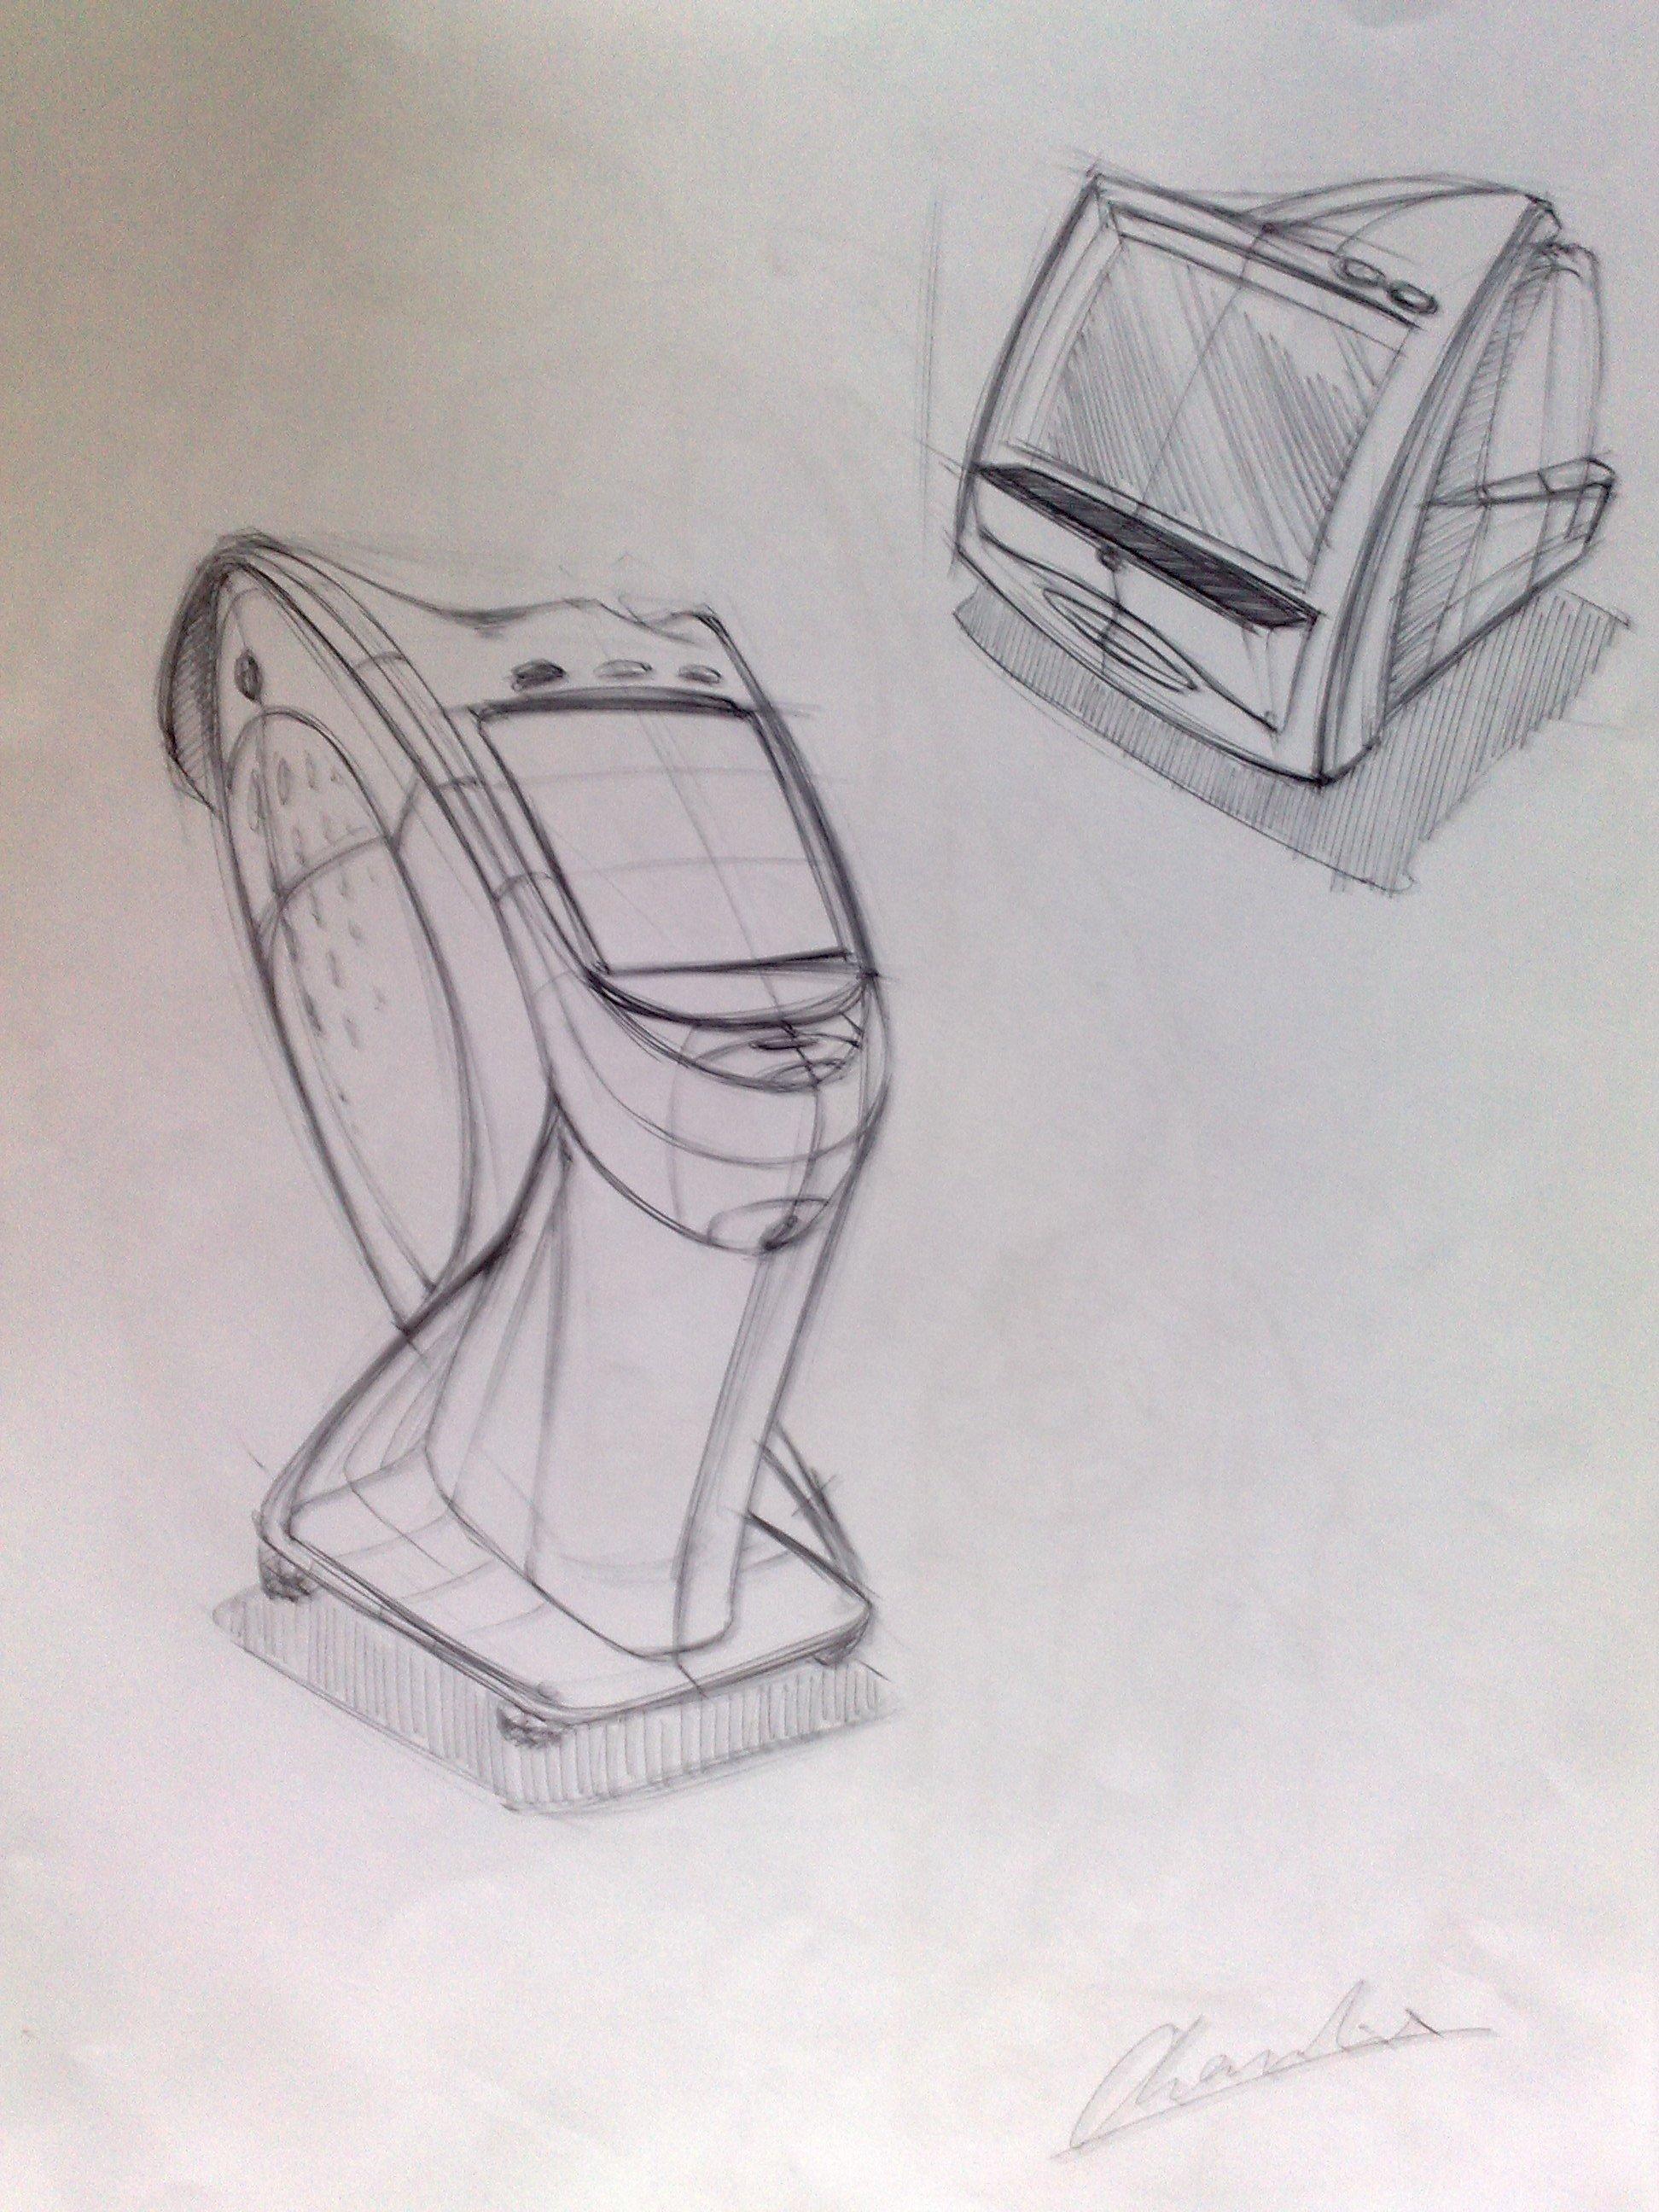 马克笔产品手绘|工业/产品|其他工业/产品|半圈心